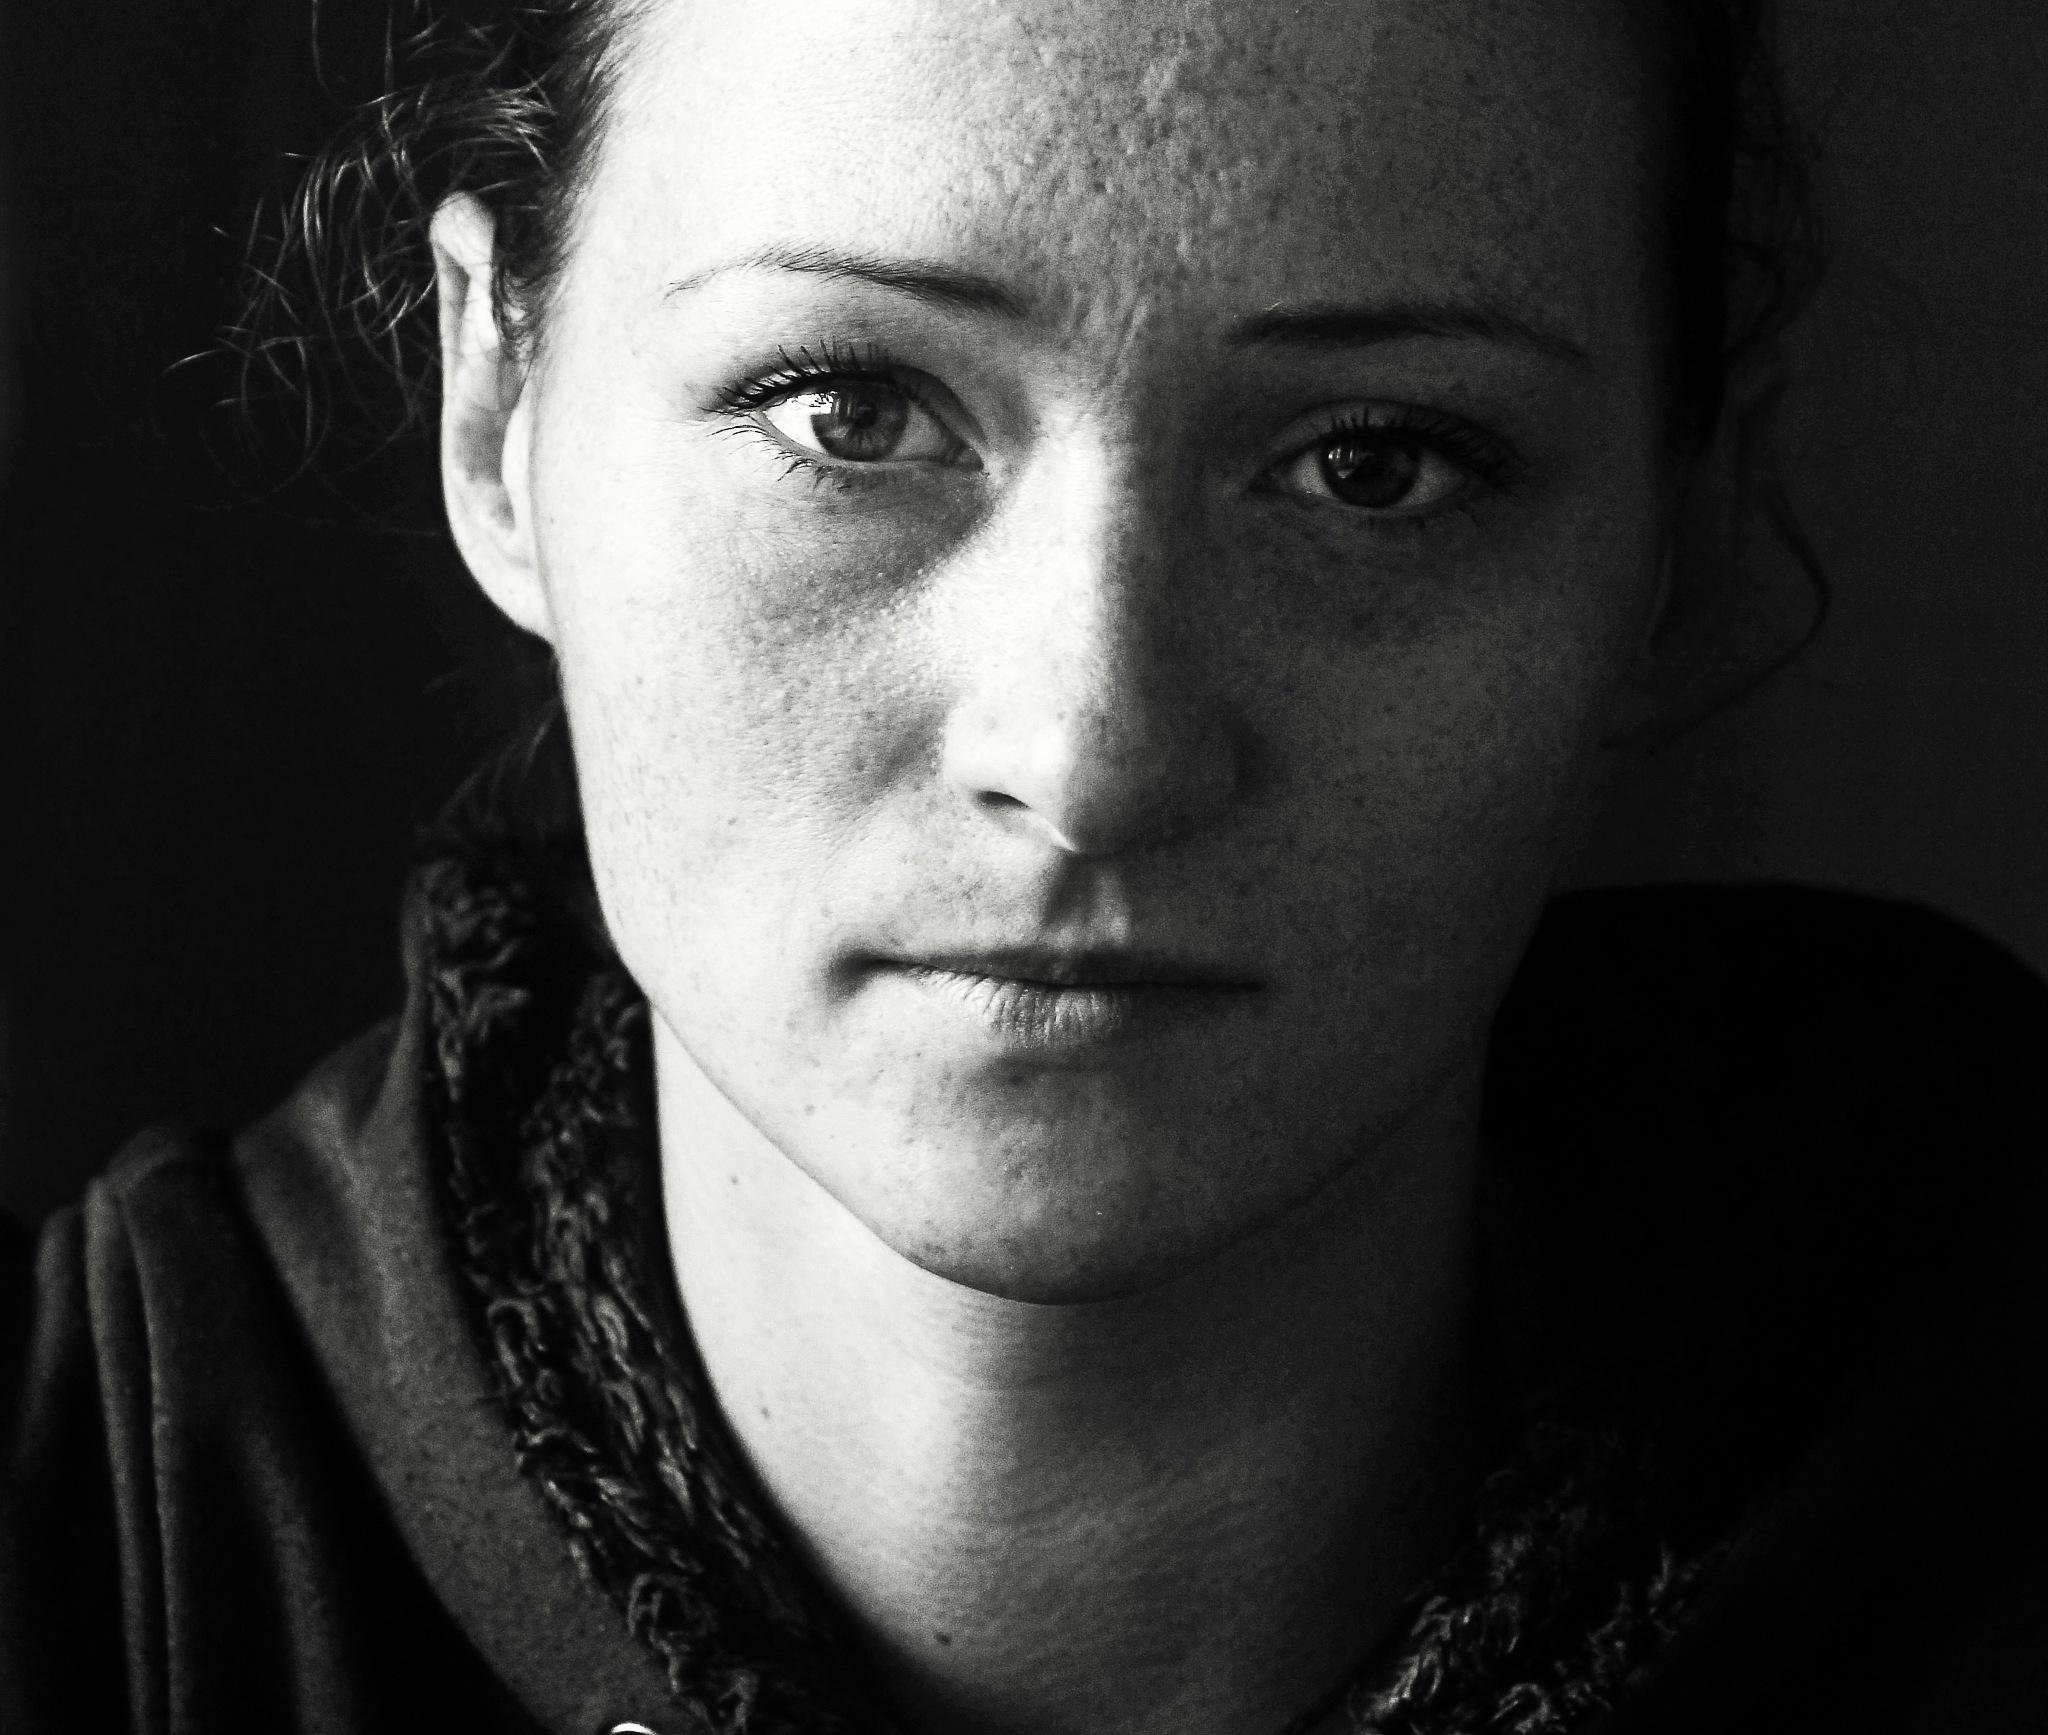 Natalie by Сергей Юрьев